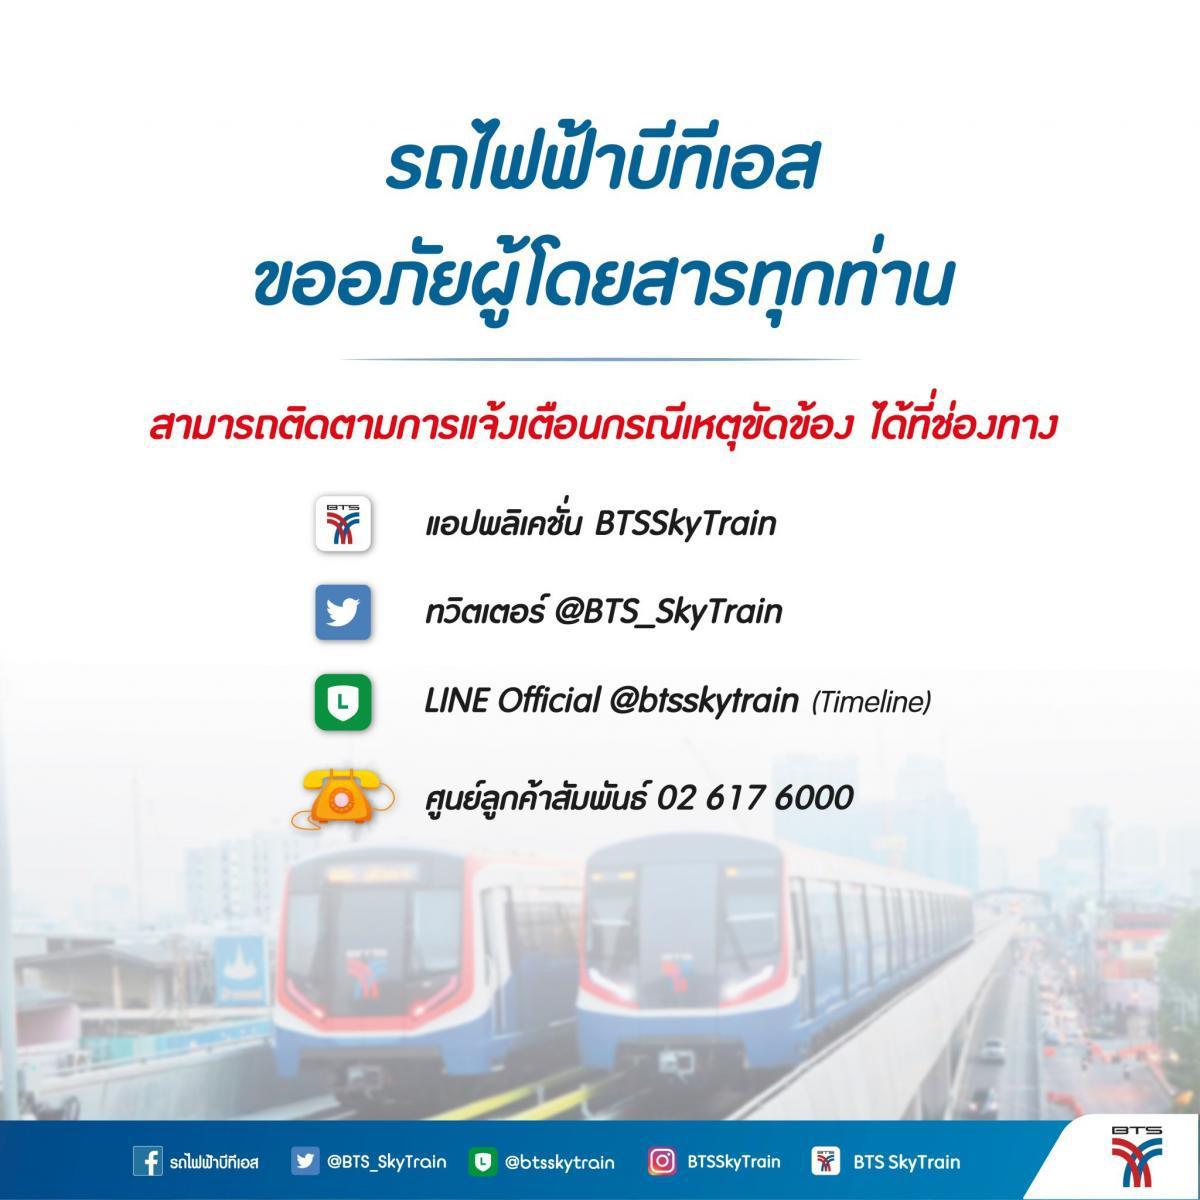 อัปเดต รถไฟฟ้า BTS ขัดข้อง ให้บริการตามปกติครบทั้ง 9 สถานี (เคหะฯ-สำโรง)